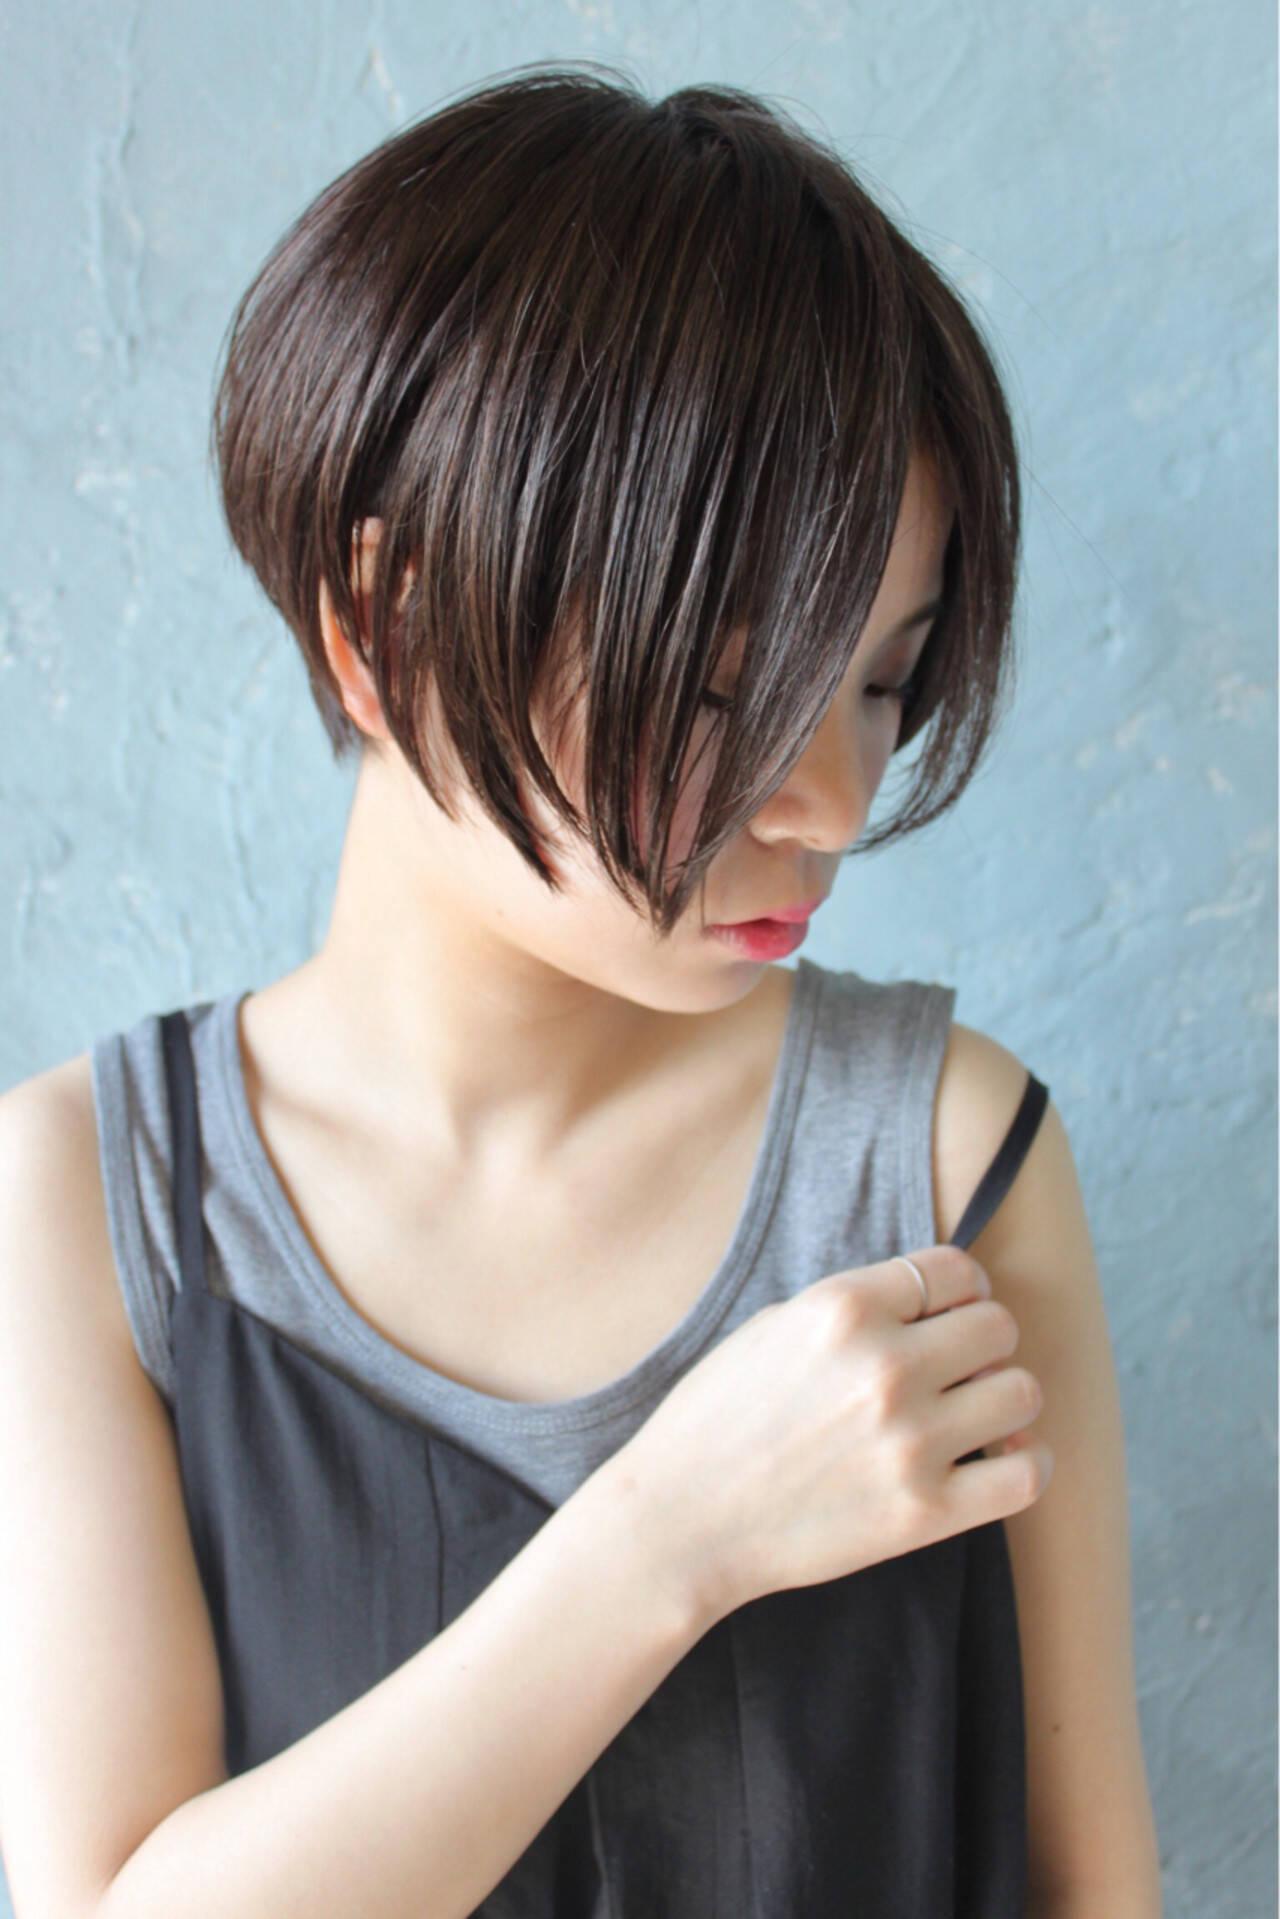 ボブ 艶髪 黒髪 ショートボブヘアスタイルや髪型の写真・画像